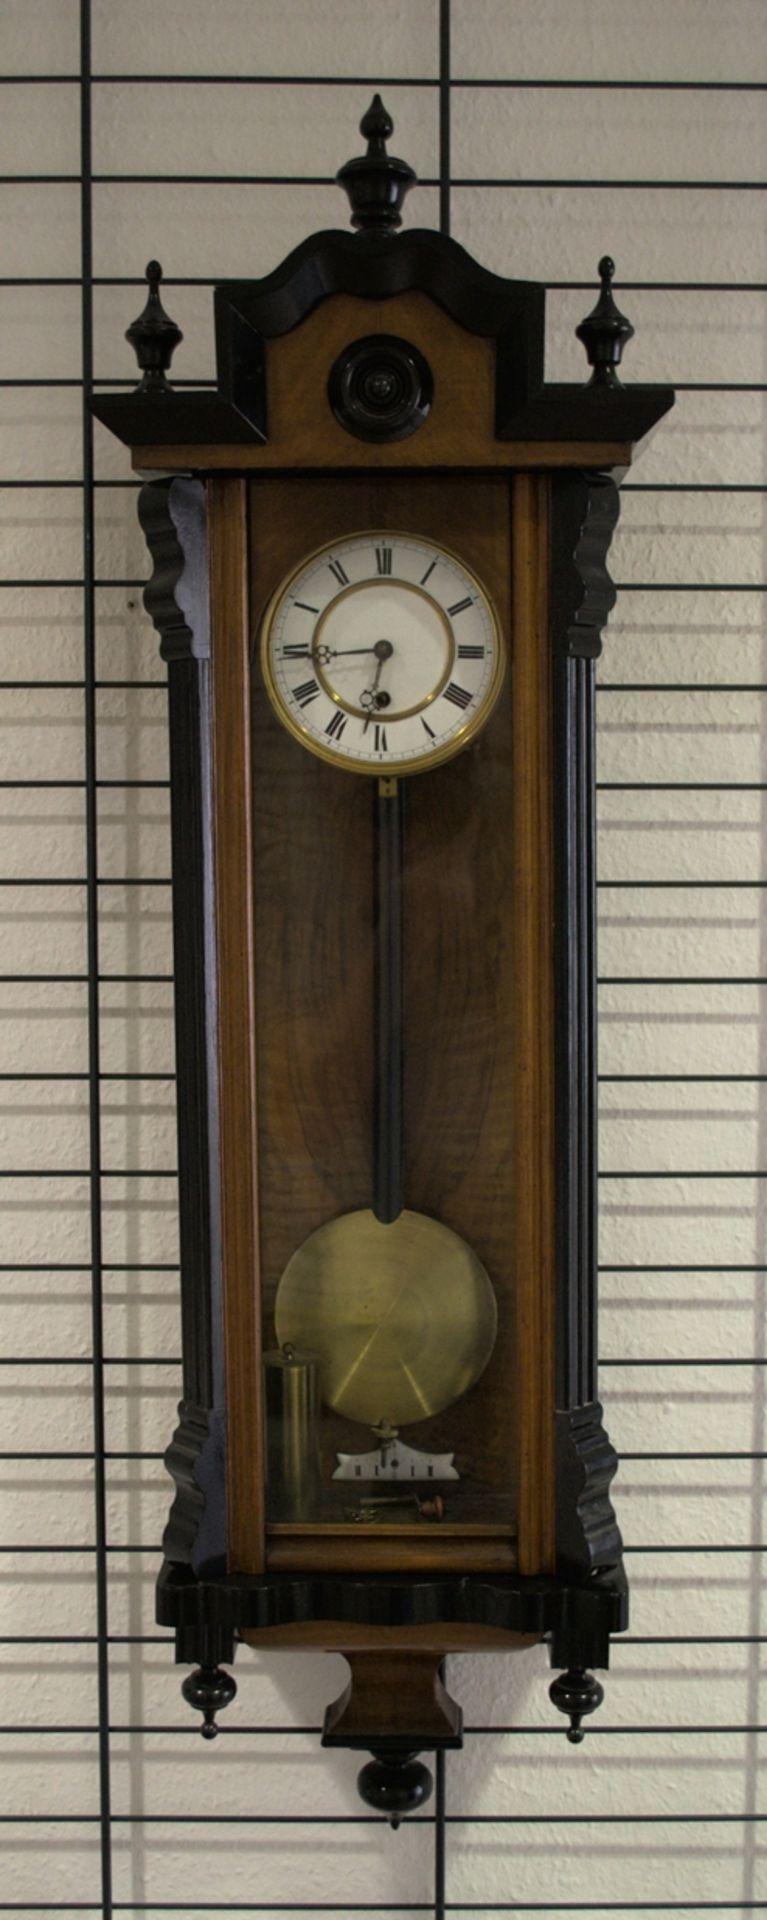 Wandregulator, eingewichtige, mechanische Wanduhr im Nussbaumgehäuse. Werk ungeprüft. Höhe ca. 95 - Bild 19 aus 19